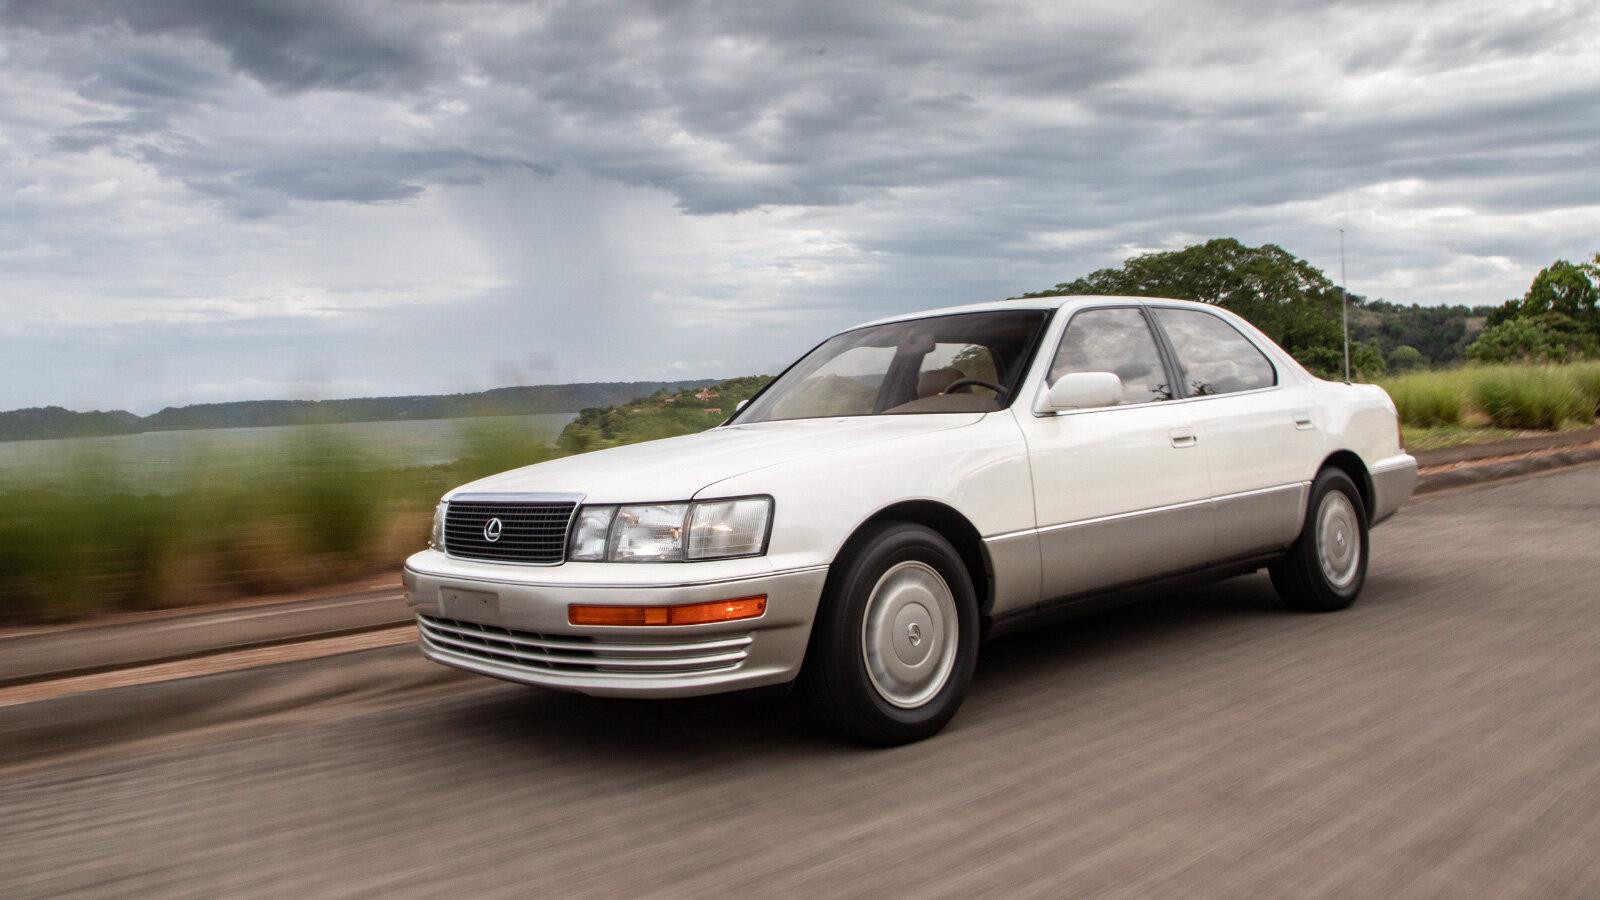 Интересные факты о Lexus, которые вы могли не знать